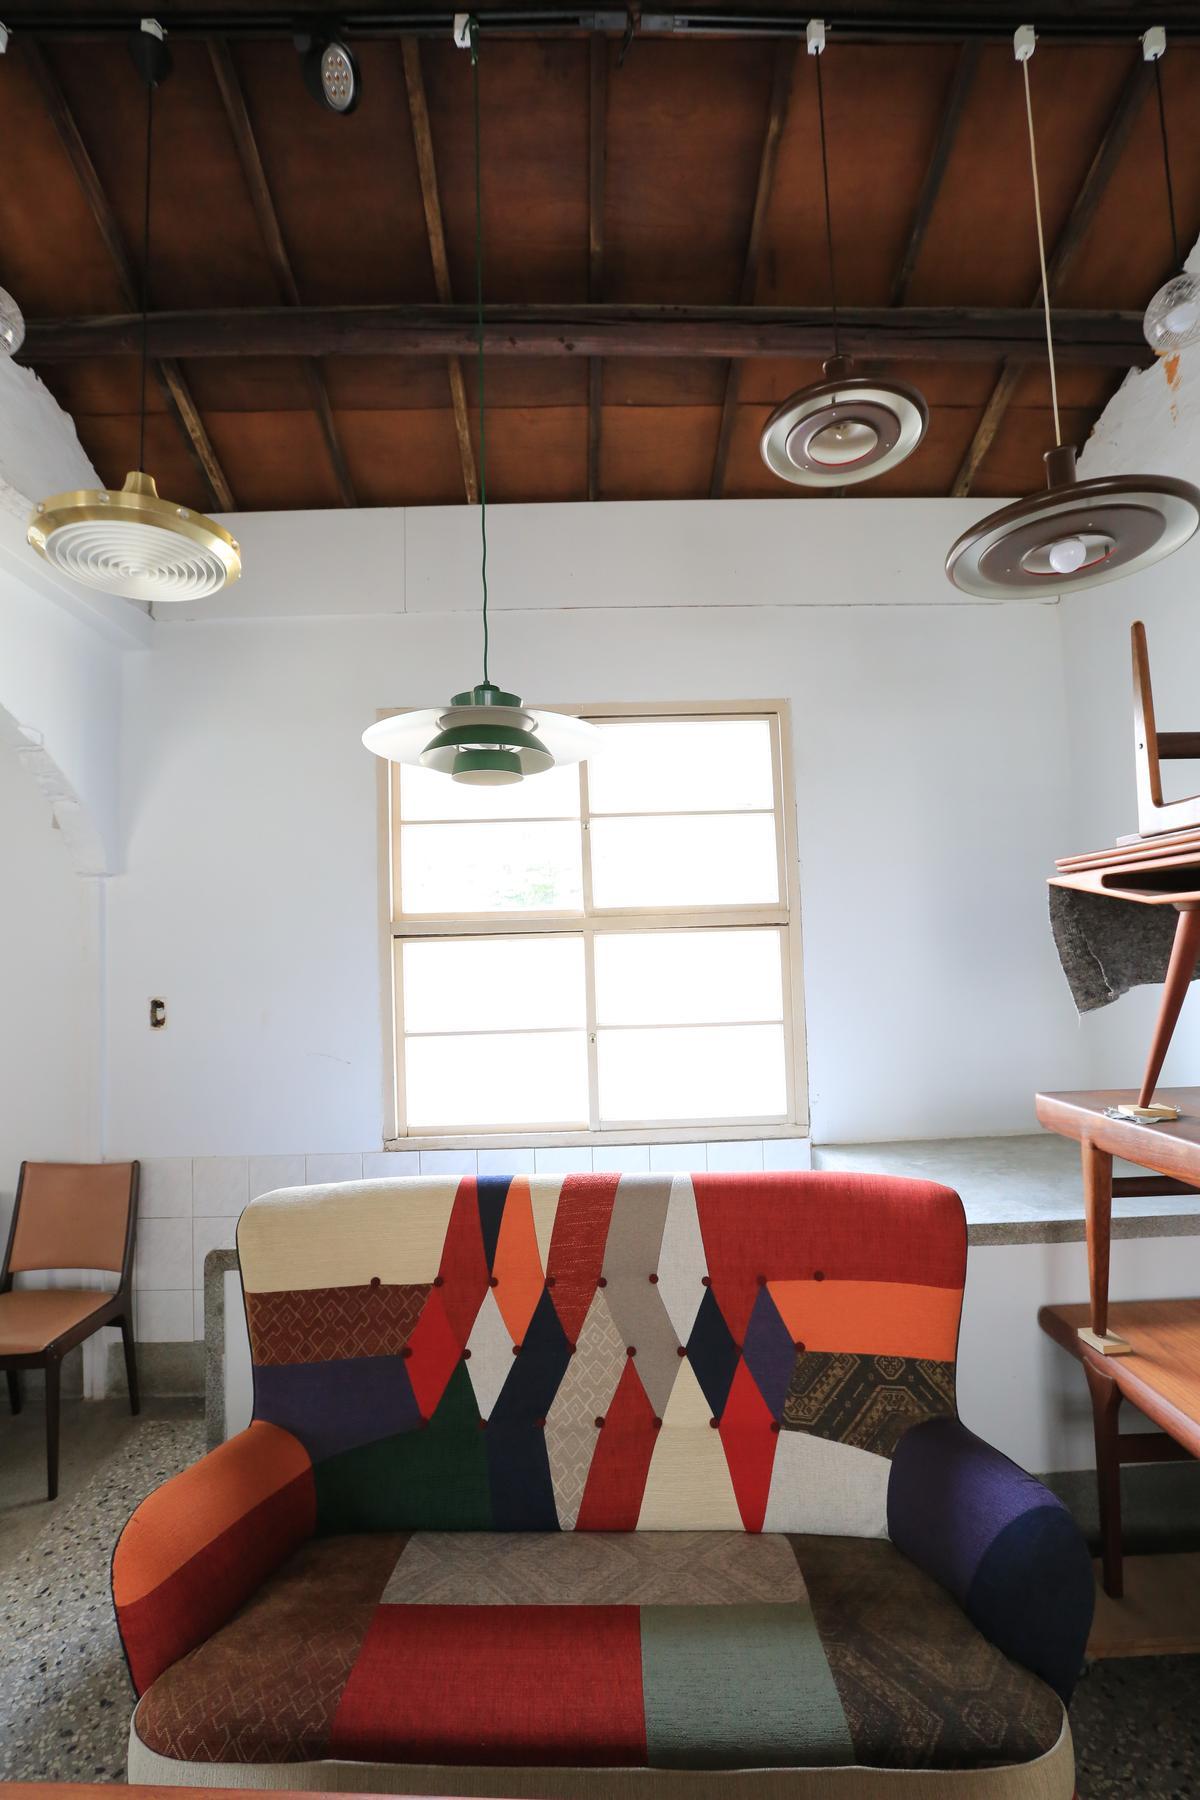 這一張布沙發是唯一的新玩意兒,Diego笑說,自己喜歡它的繽紛色彩。